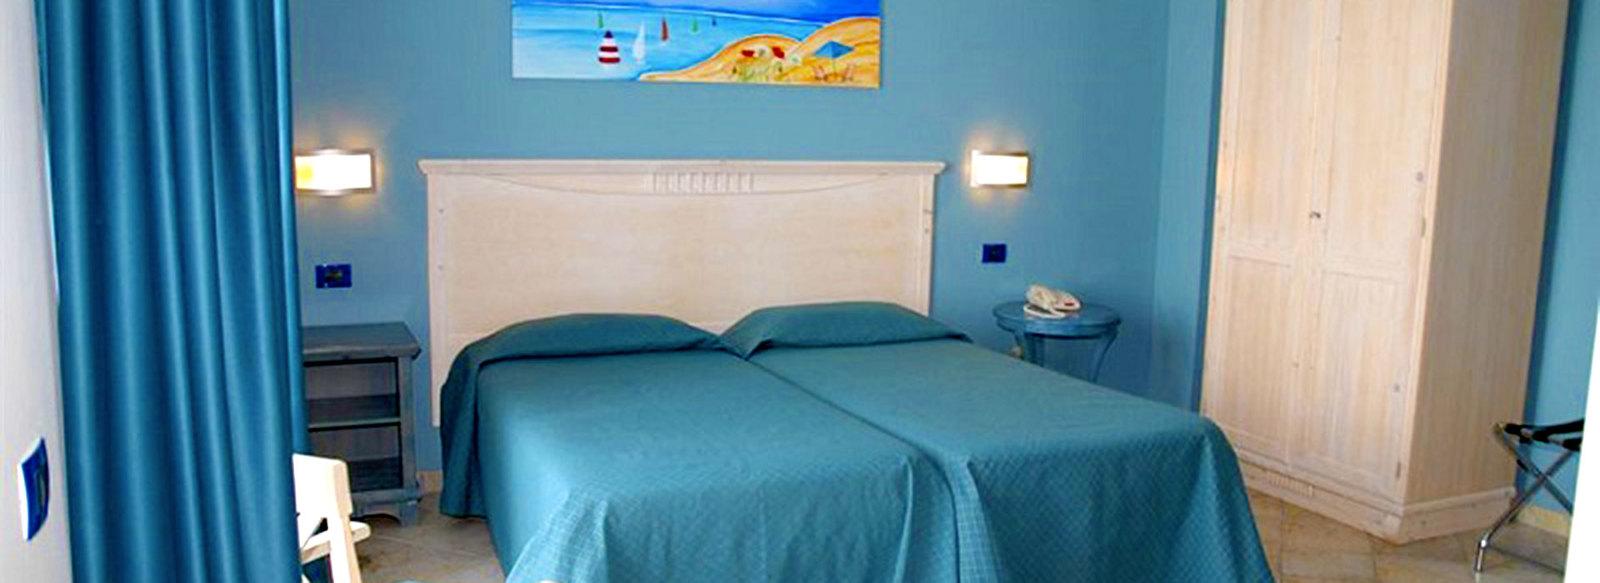 Resort 4* nella Riserva naturale del Belice